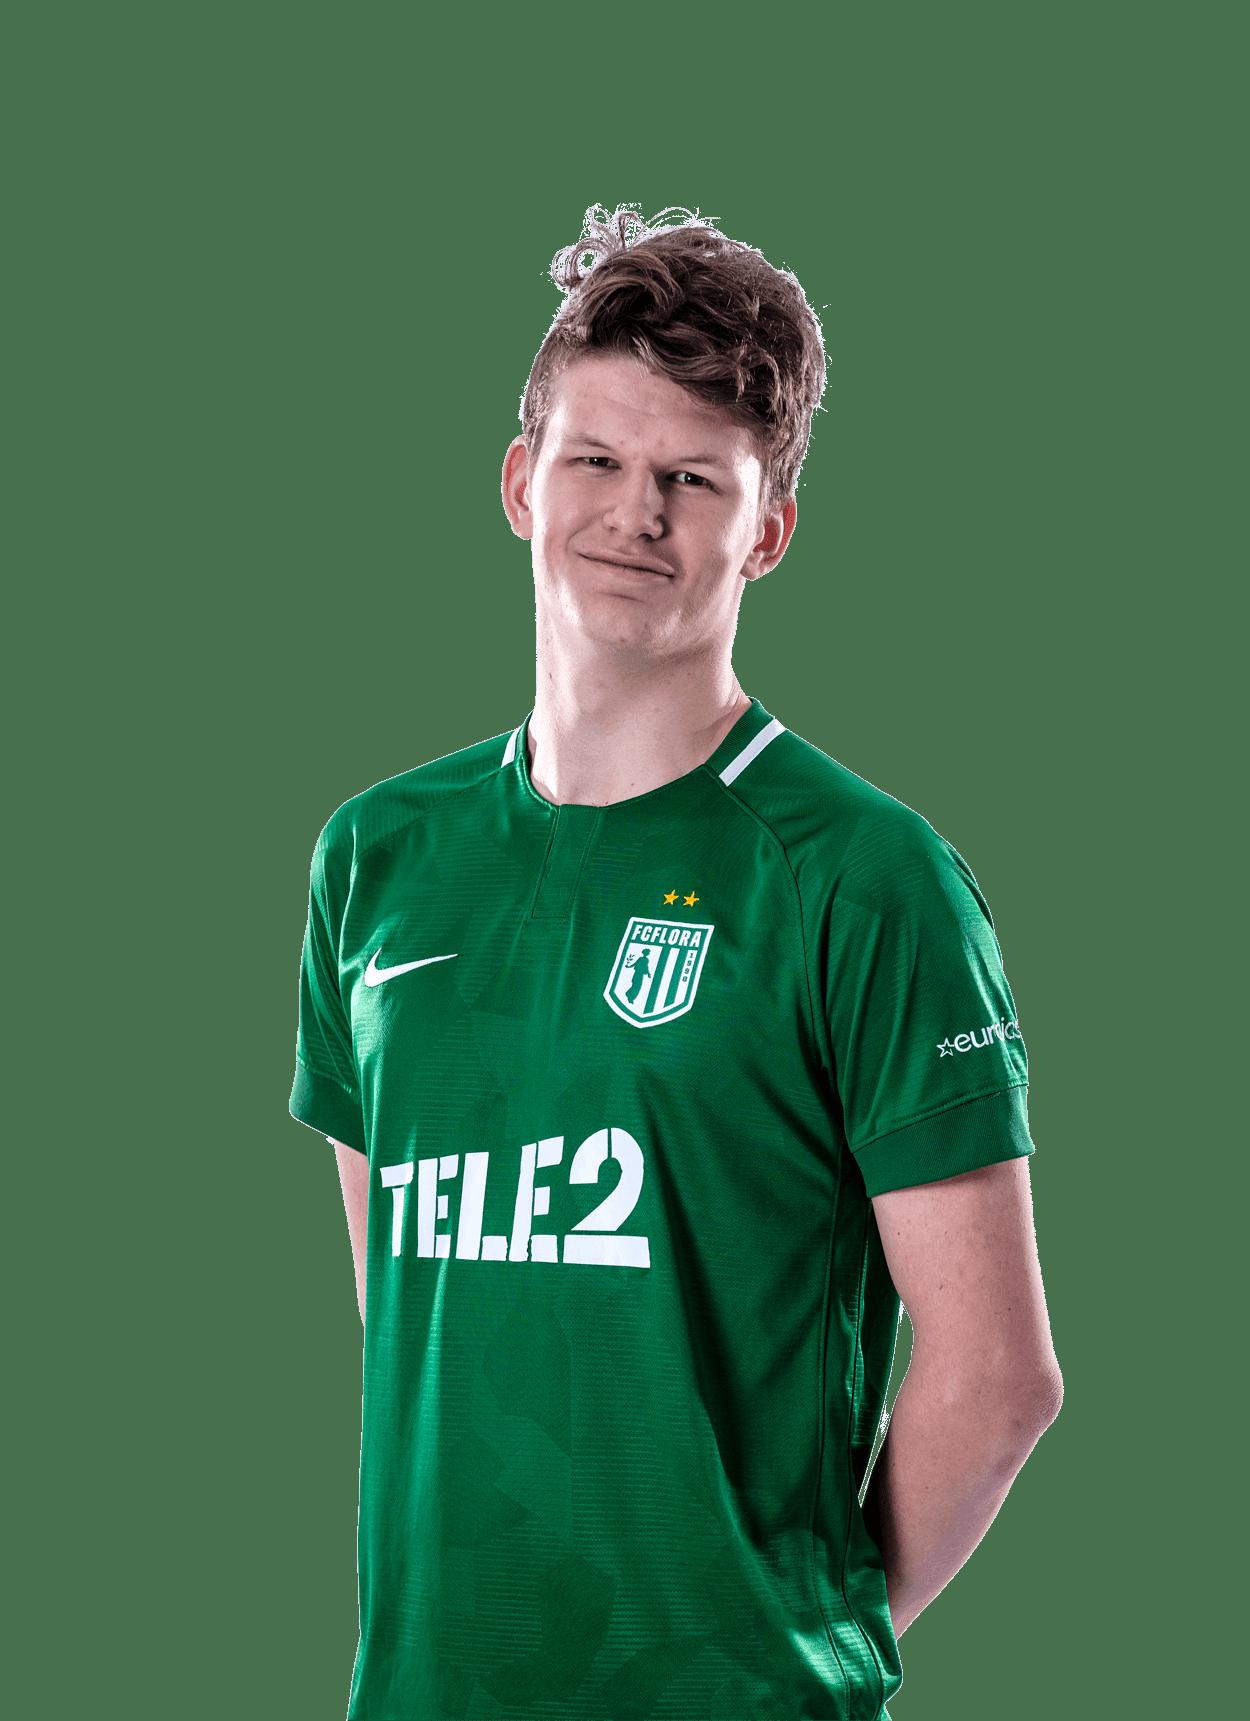 Mattias Männilaan (laenul)